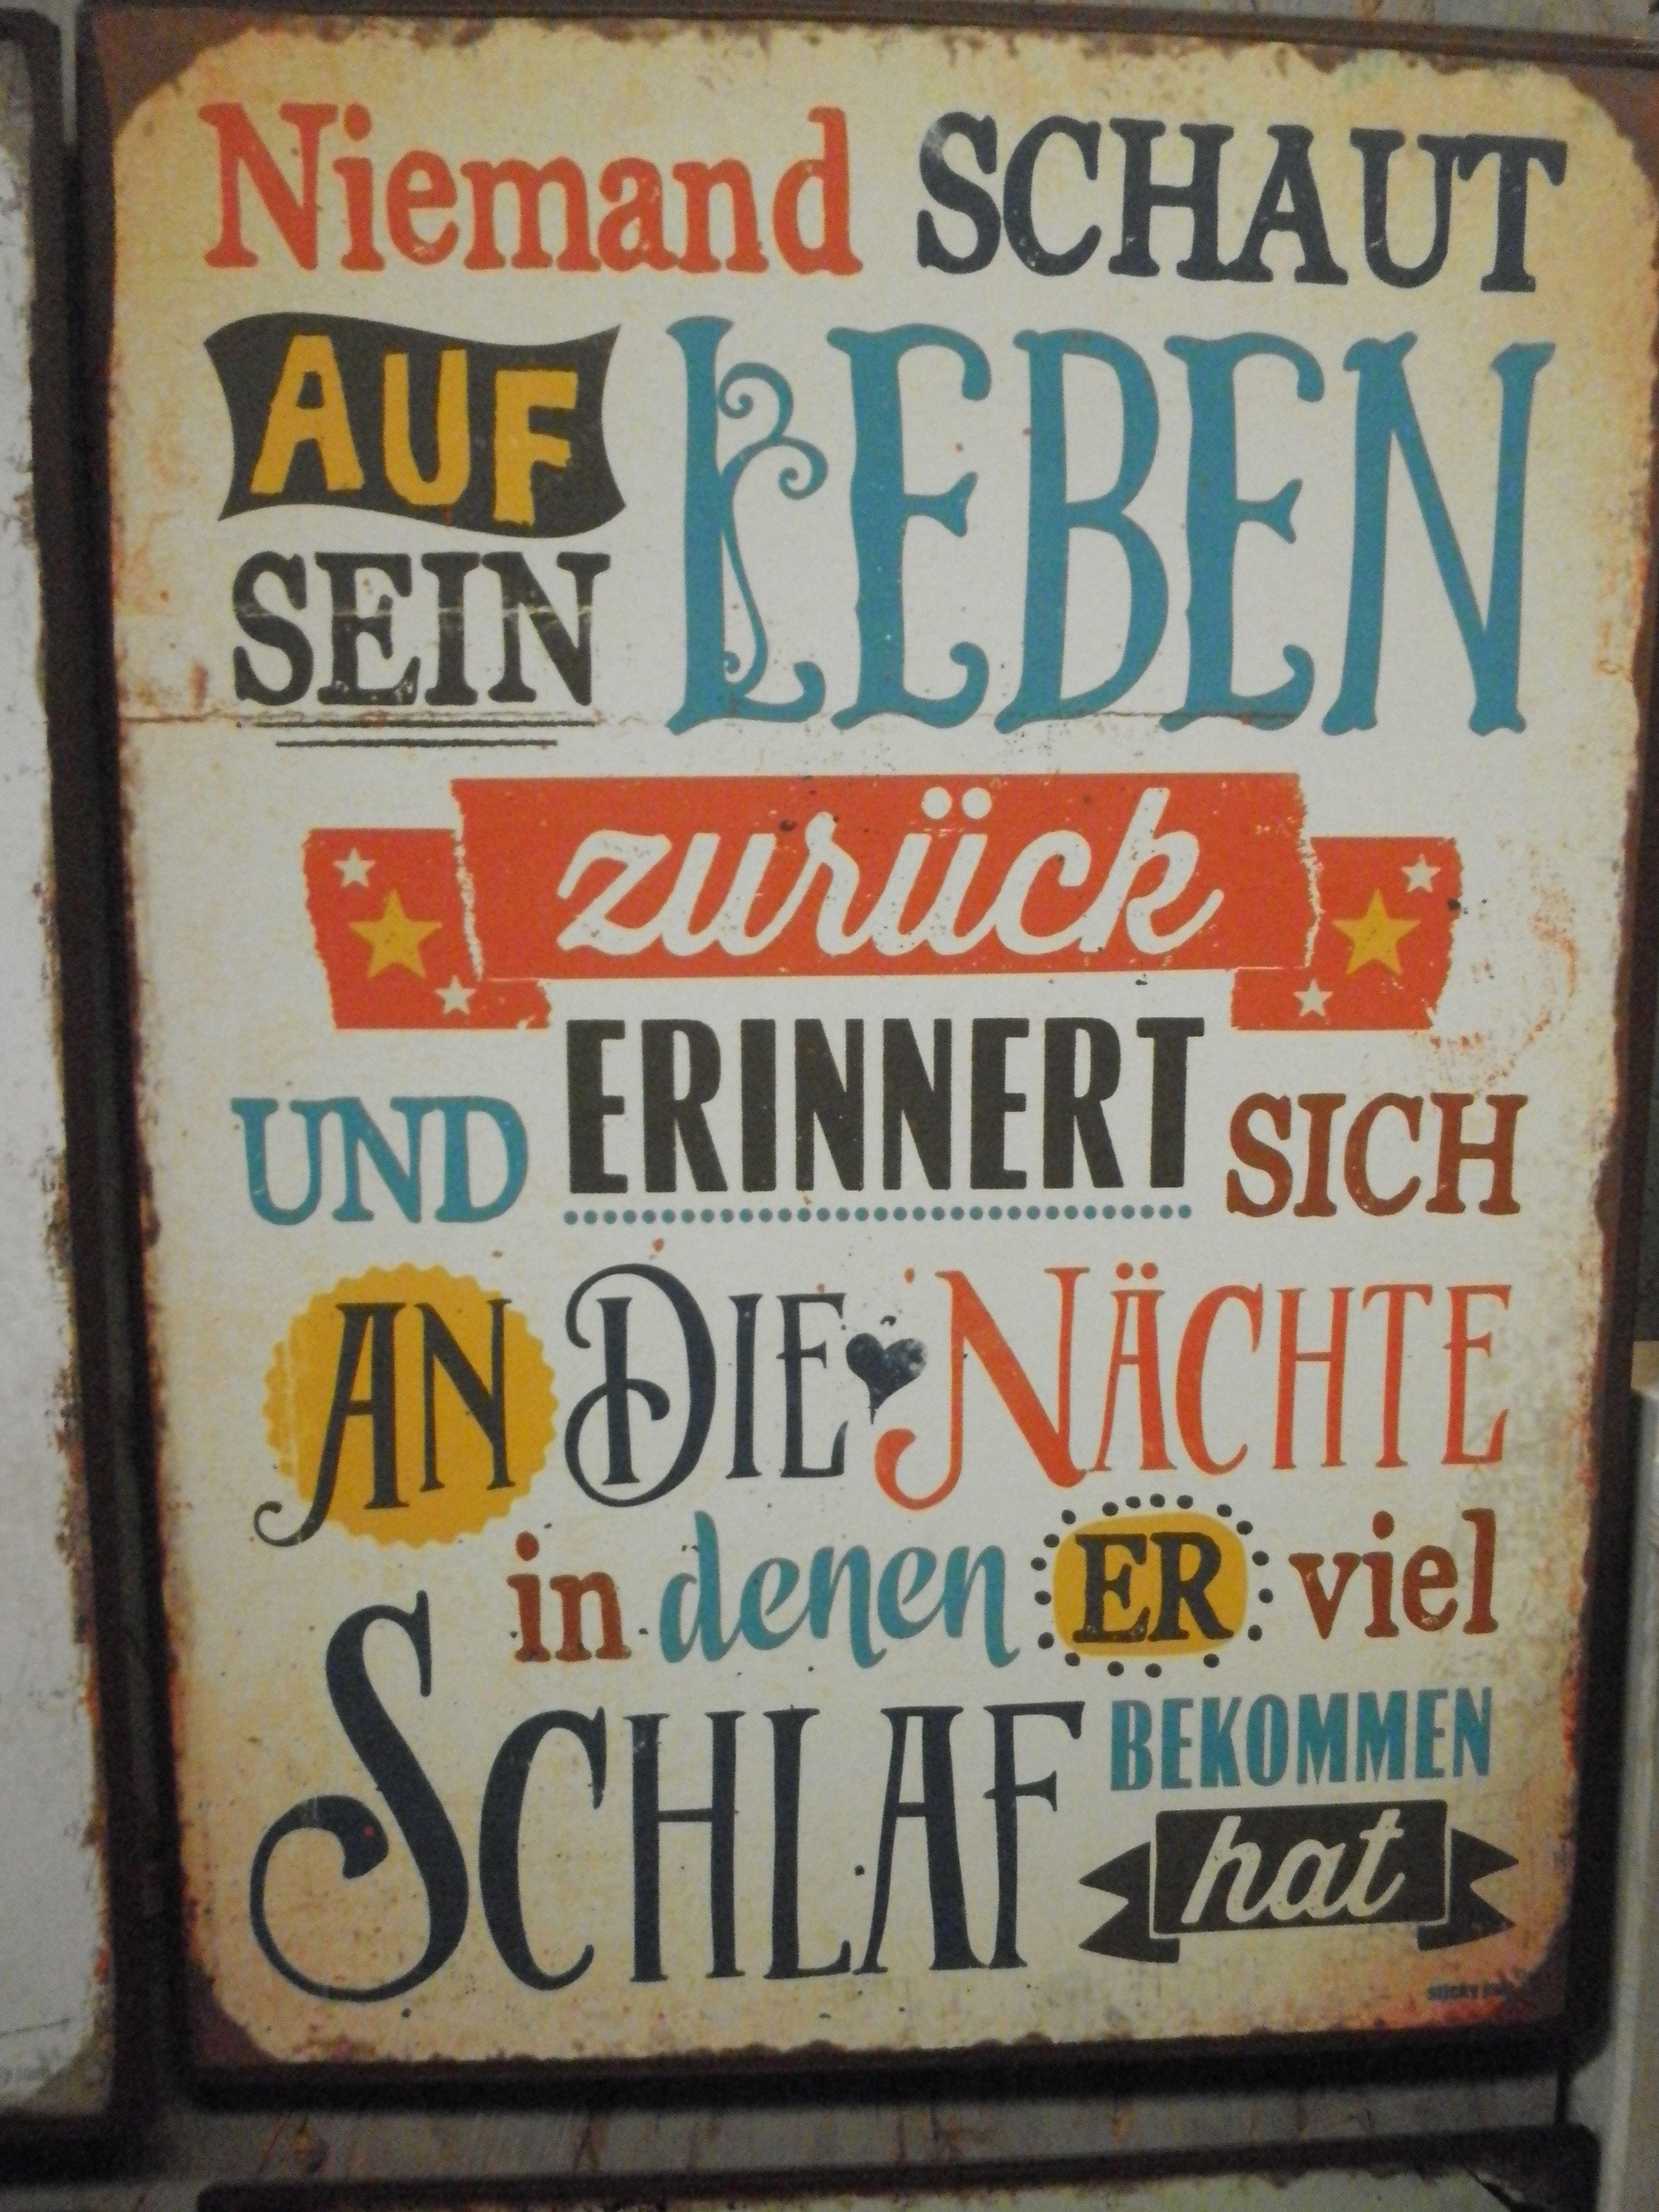 Blechschild | Blechschilder von Sticky Jam aus Hamburg | Schilder